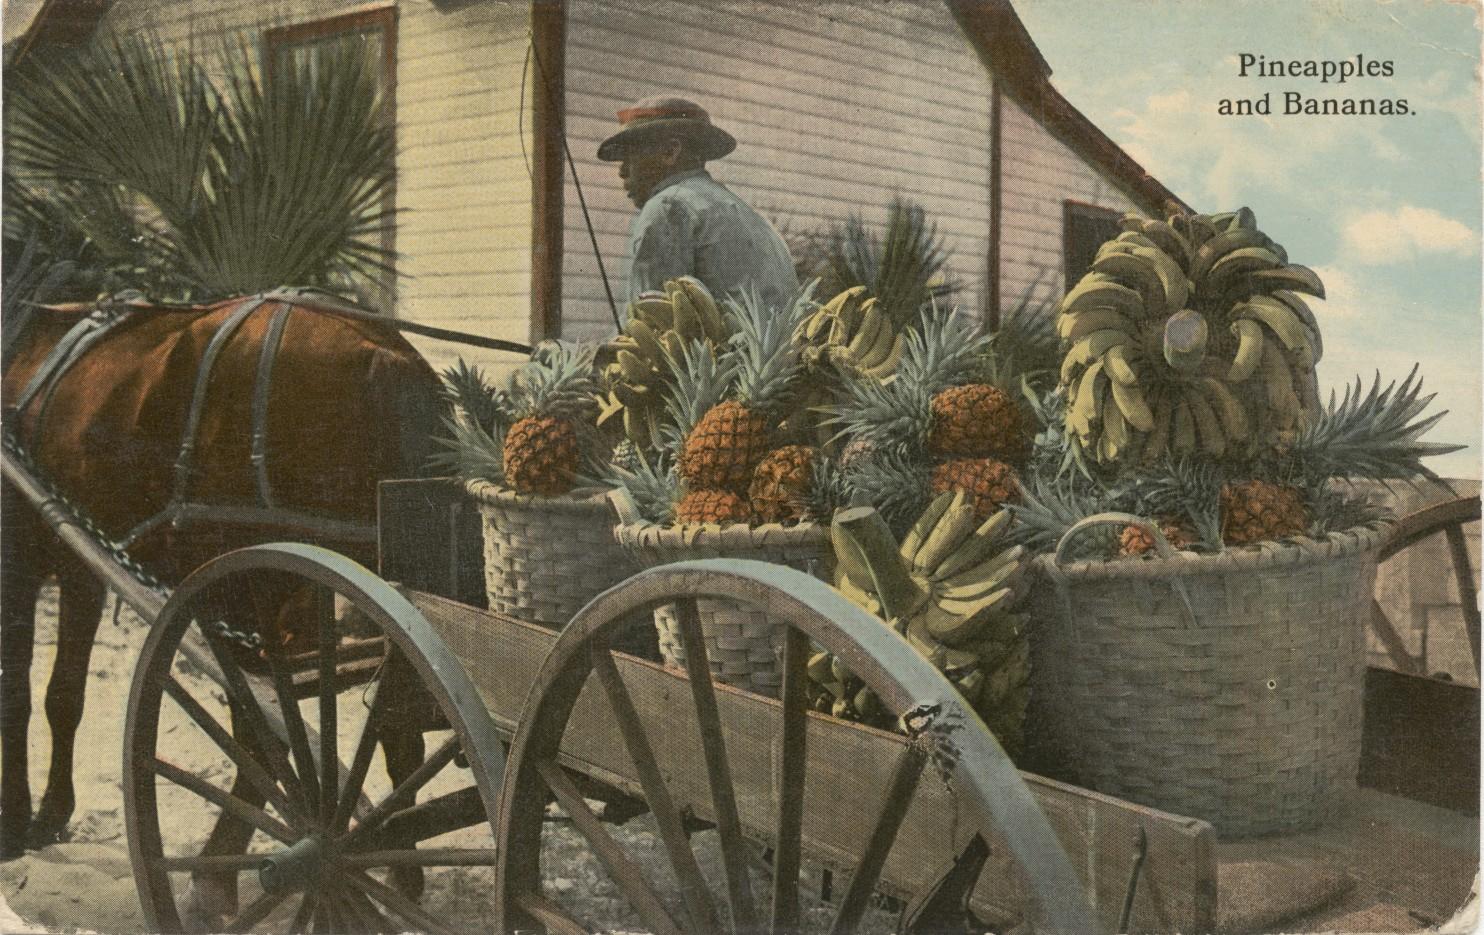 NMAAHC - Pineapples and Bananas